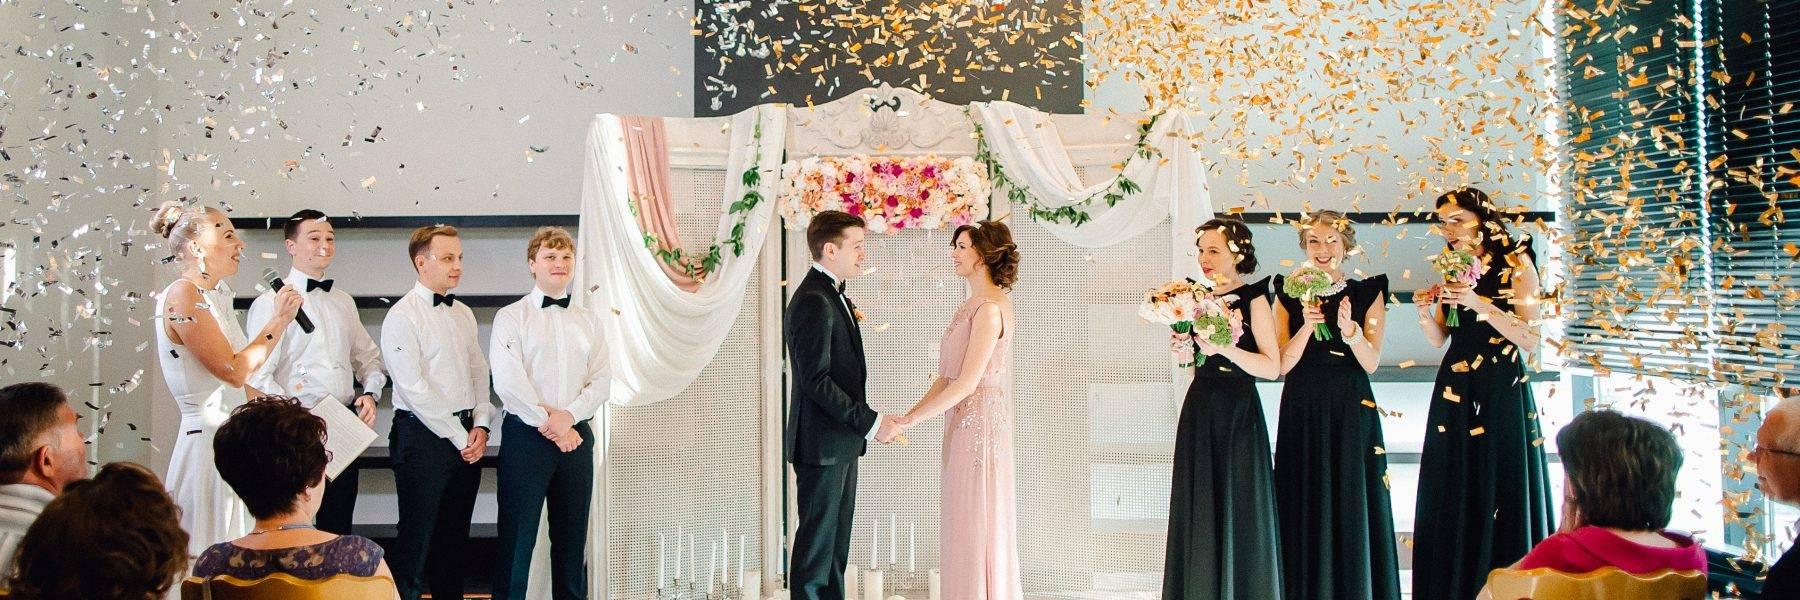 Церемонии на свадьбе, советы и идеи с фото